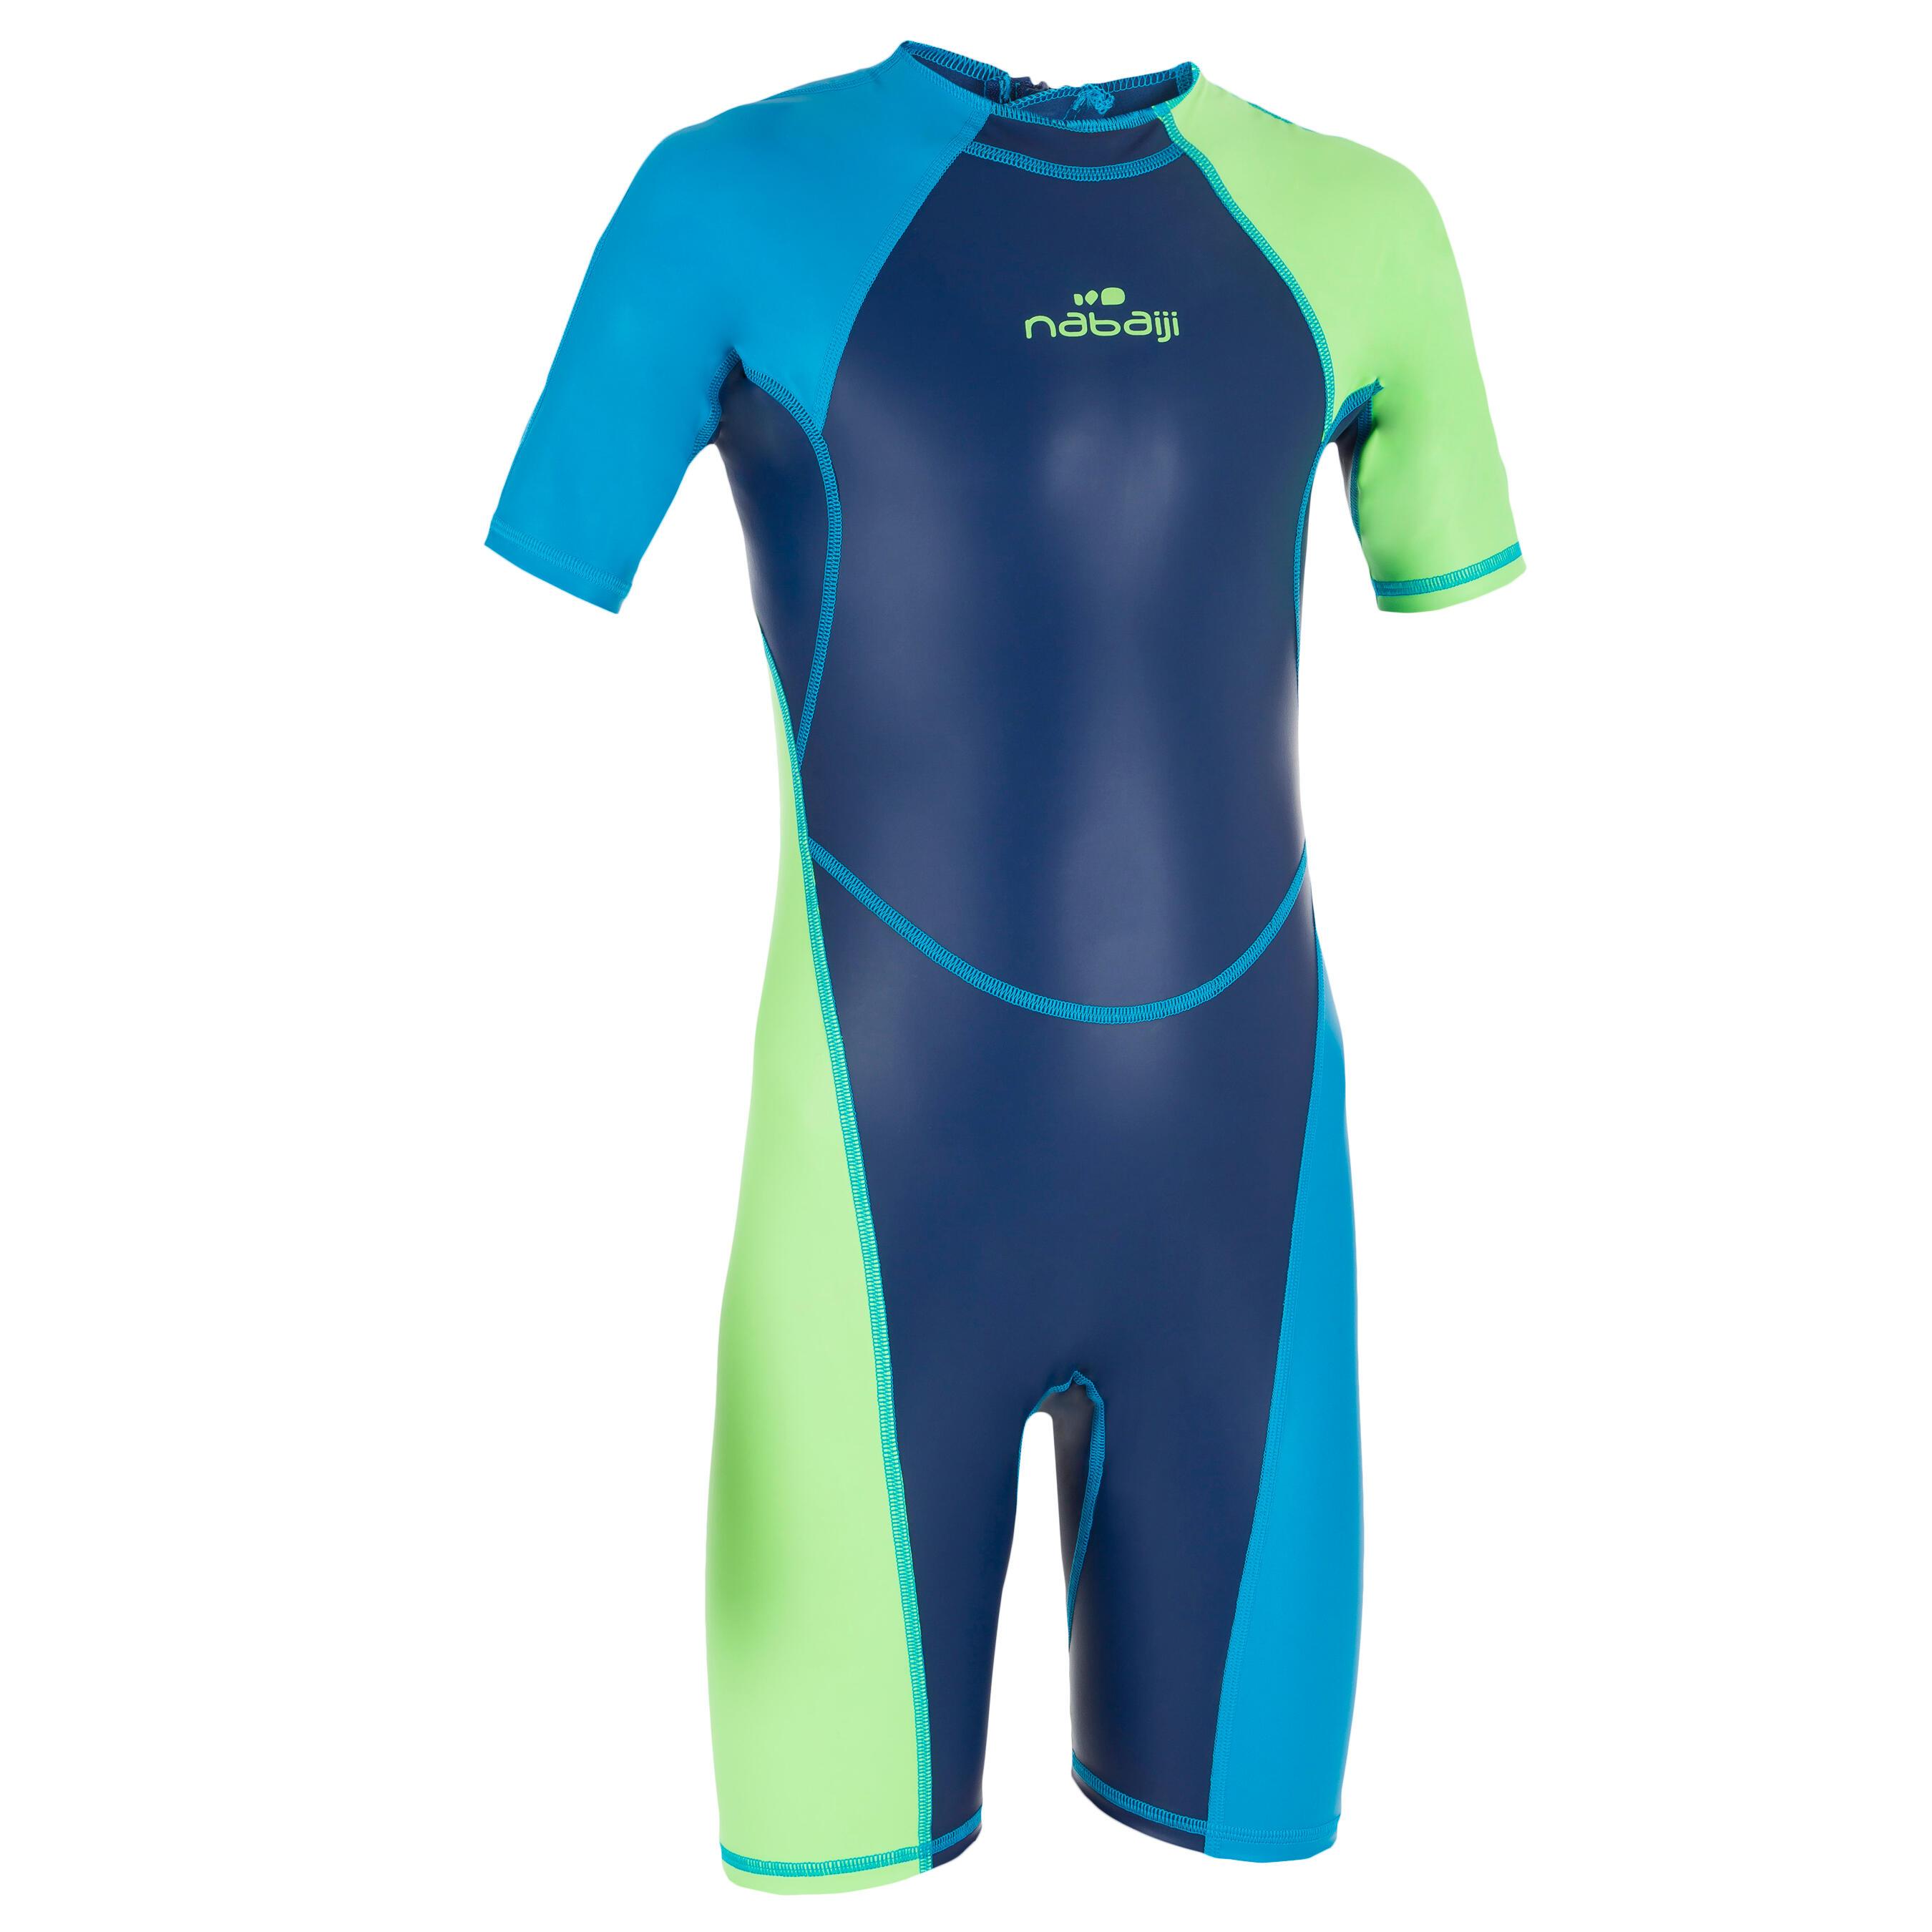 Jungen,Kinder Schwimmanzug wärmeisolierend Kloupi Jungen blau grün | 03583788269618